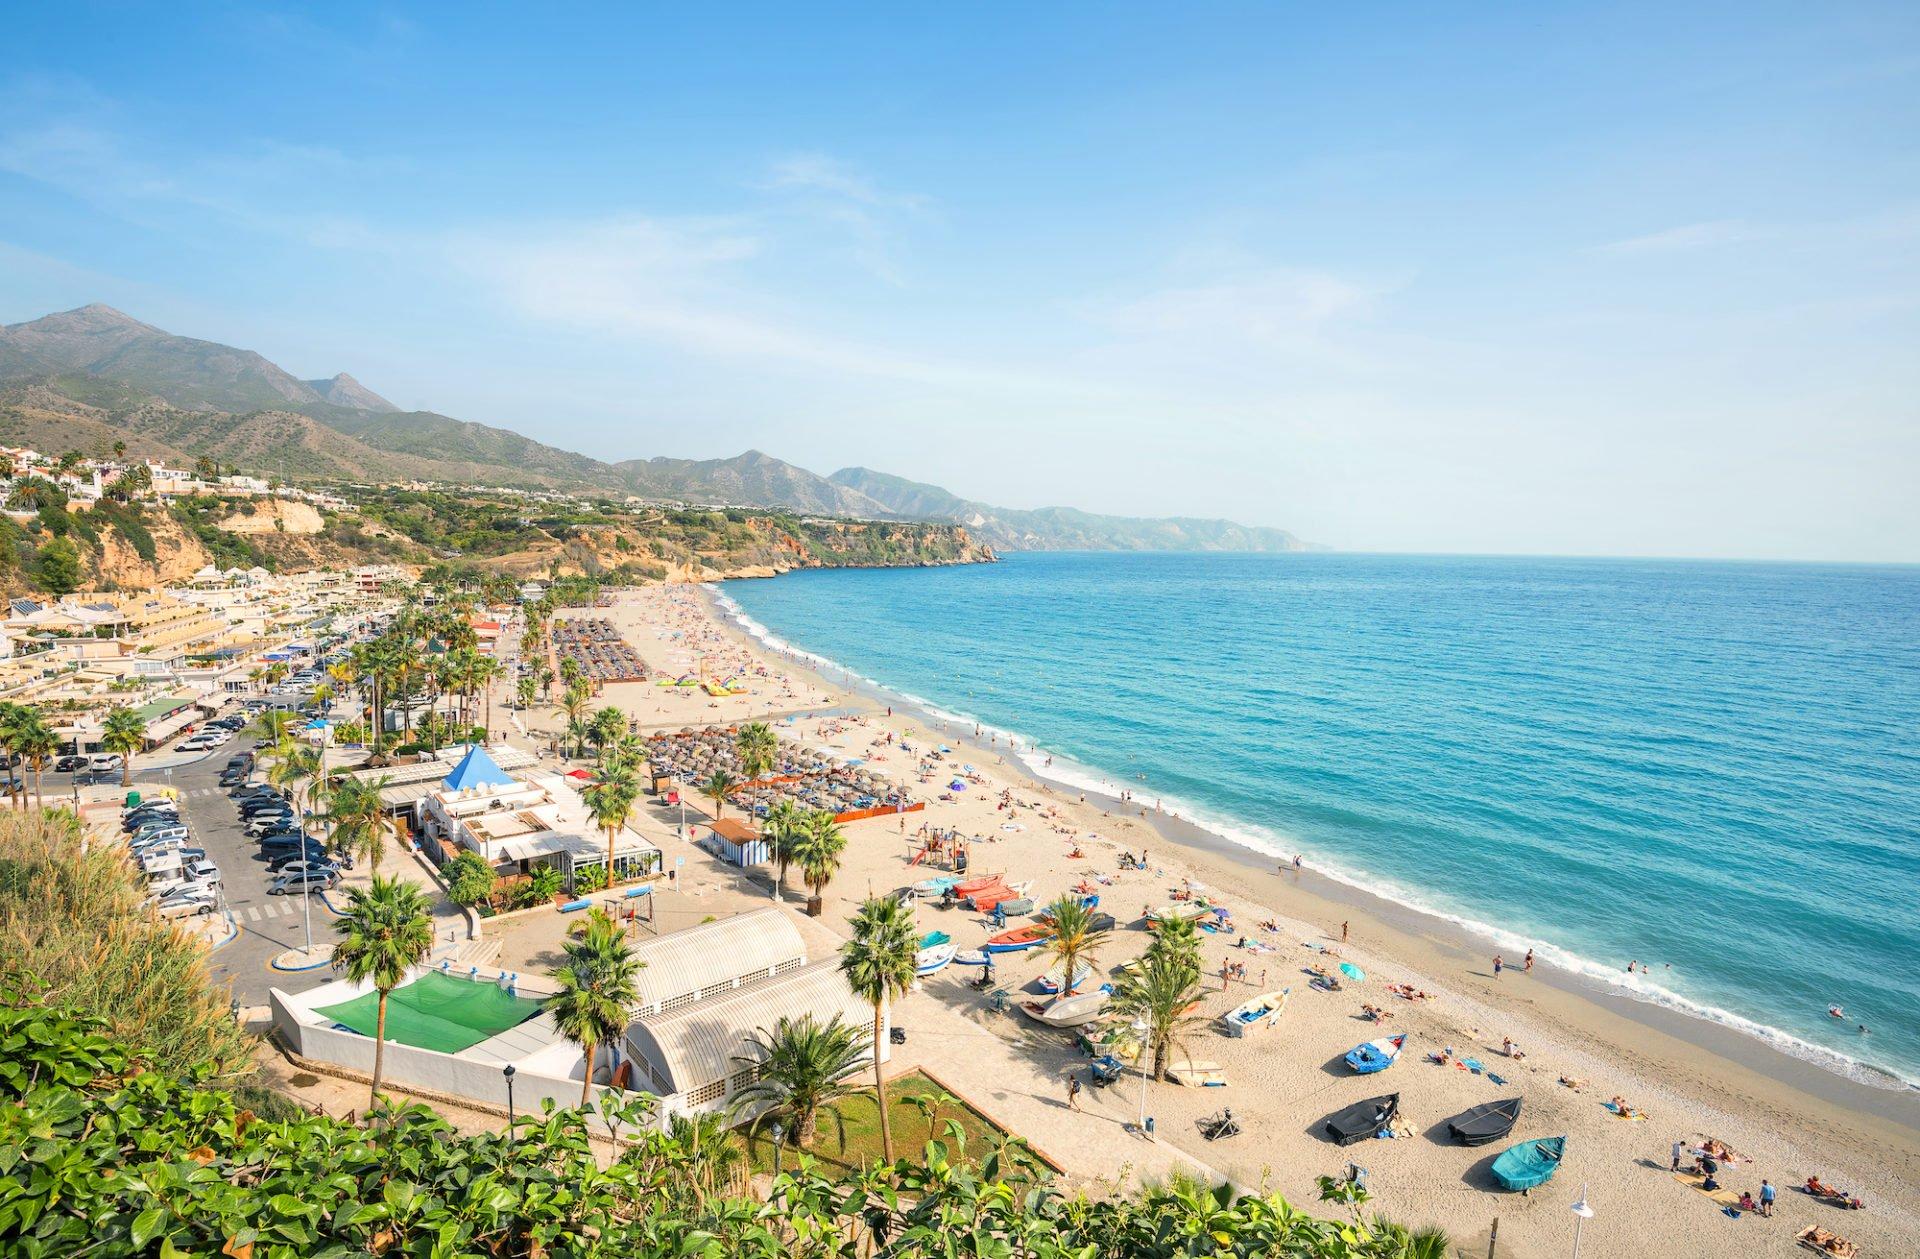 Costa del Sol Tipps - Tipps für einen Urlaub im Süden Spaniens